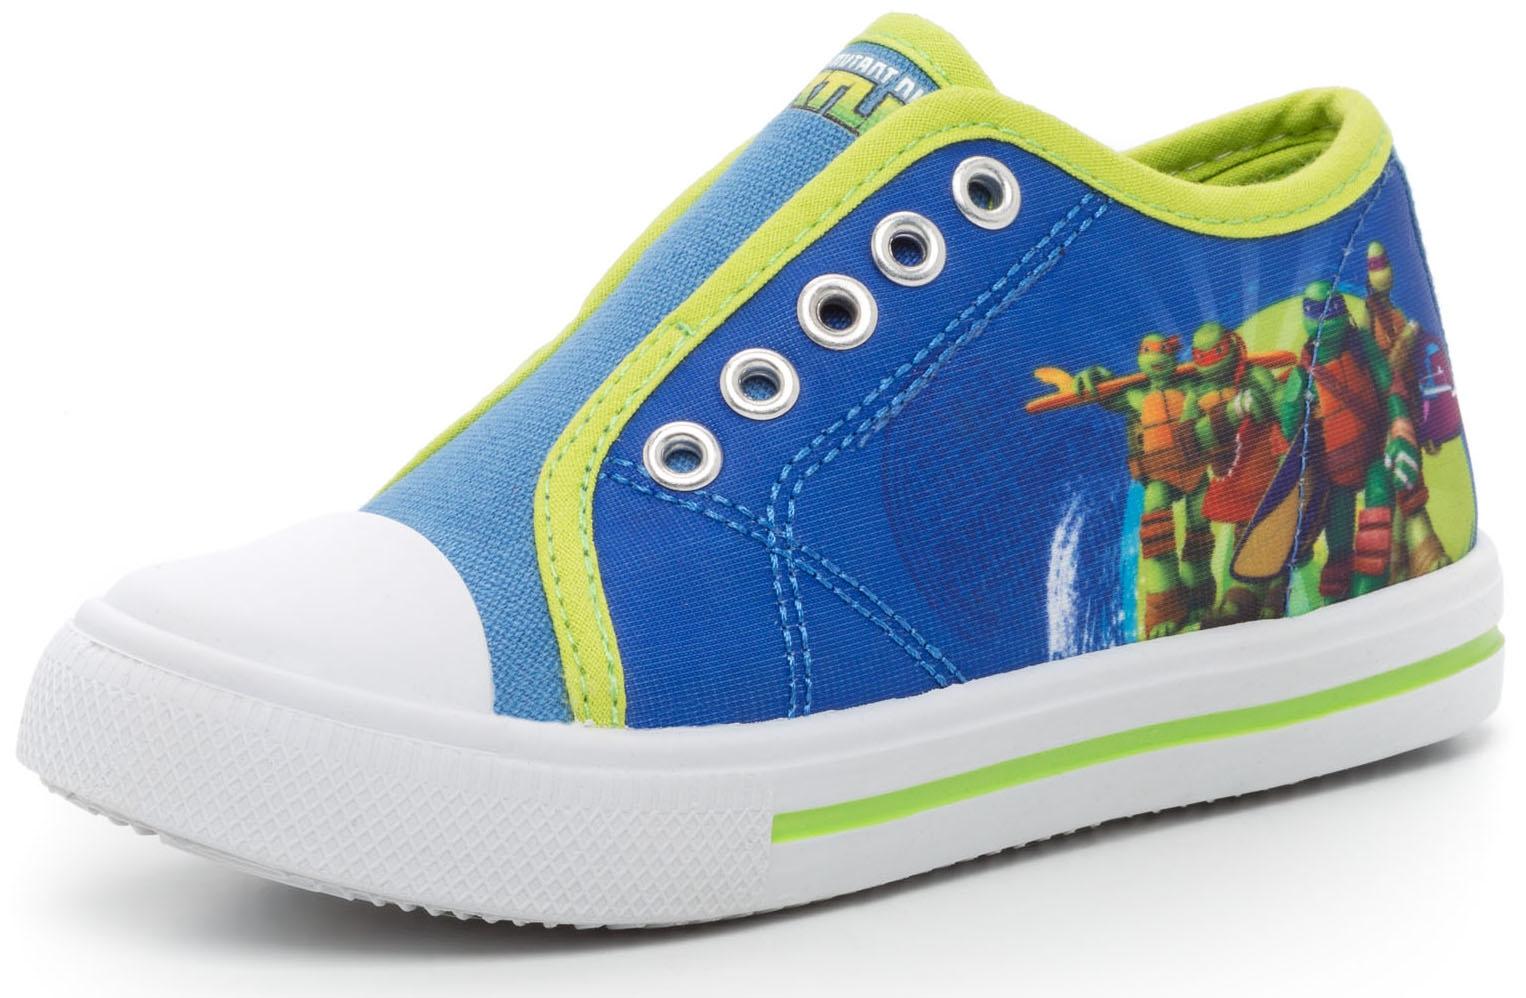 Черепашки Ниндзя TM NINJA TURTLES Полуботинки типа кроссовых для мальчика Tm Ninja Turtles, синий с красной отделкой игровые фигурки turtles черепашки ниндзя с растягивающимися руками